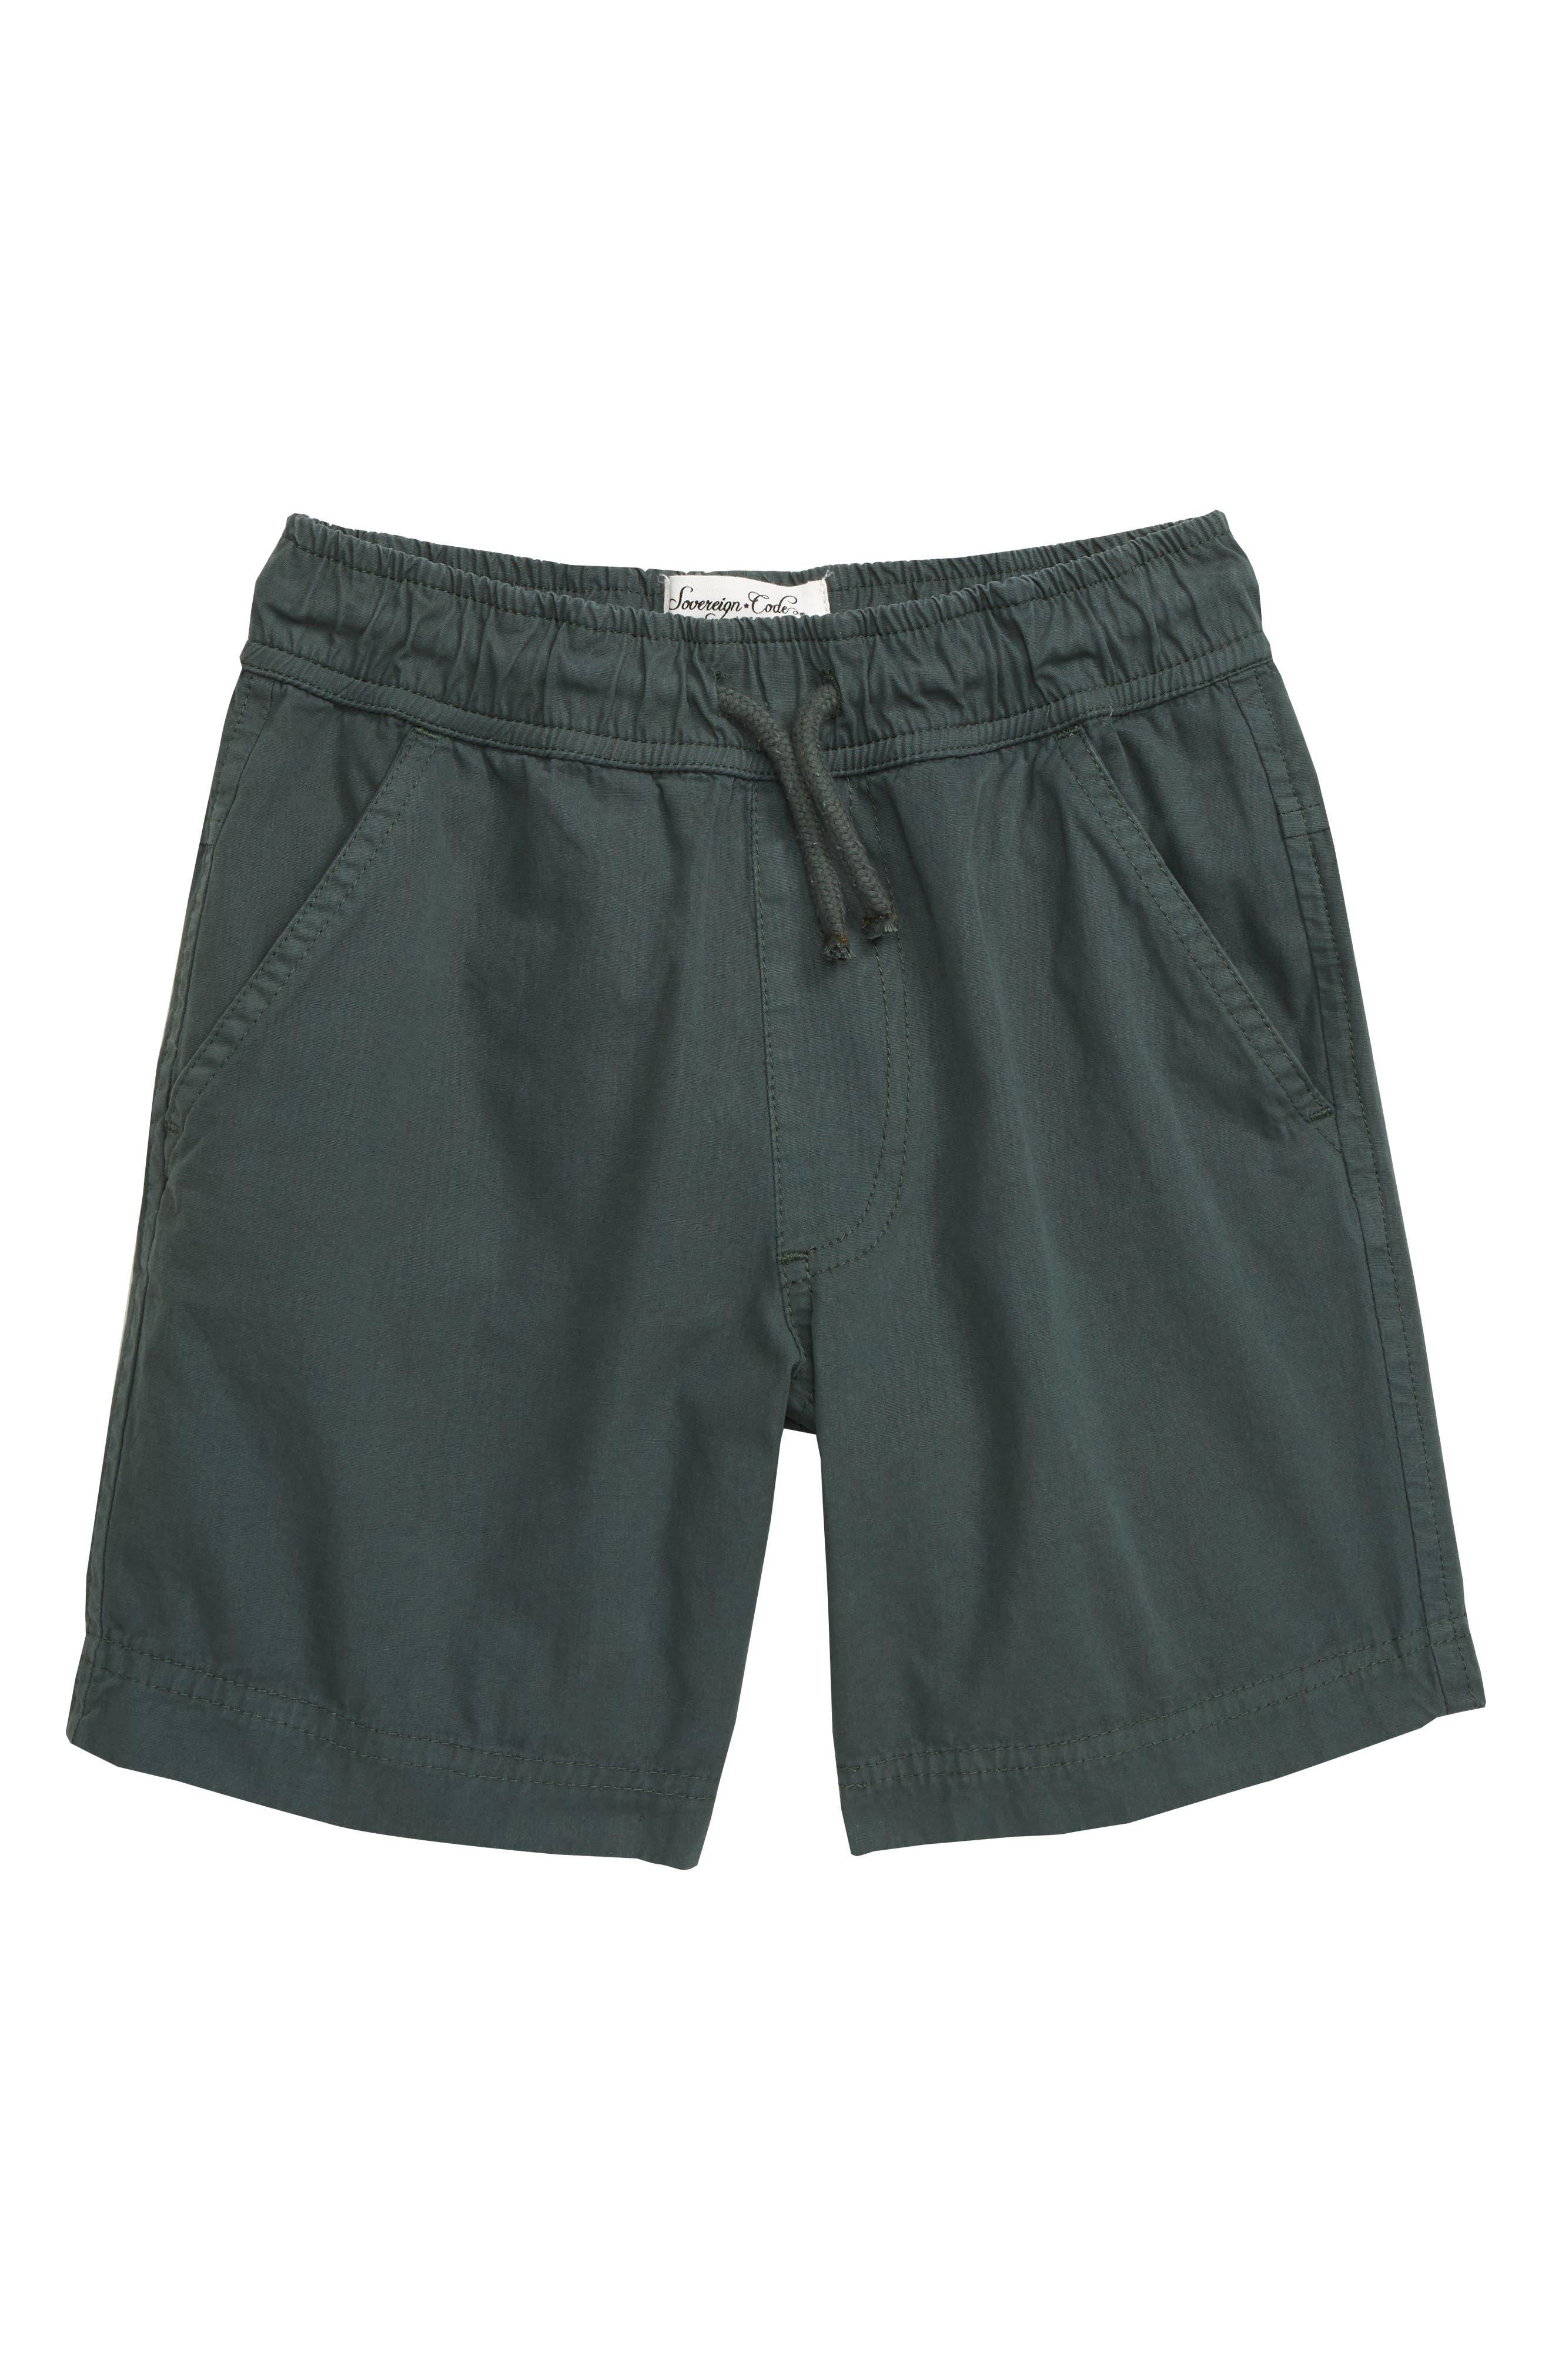 Boys Sovereign Code Terra Shorts